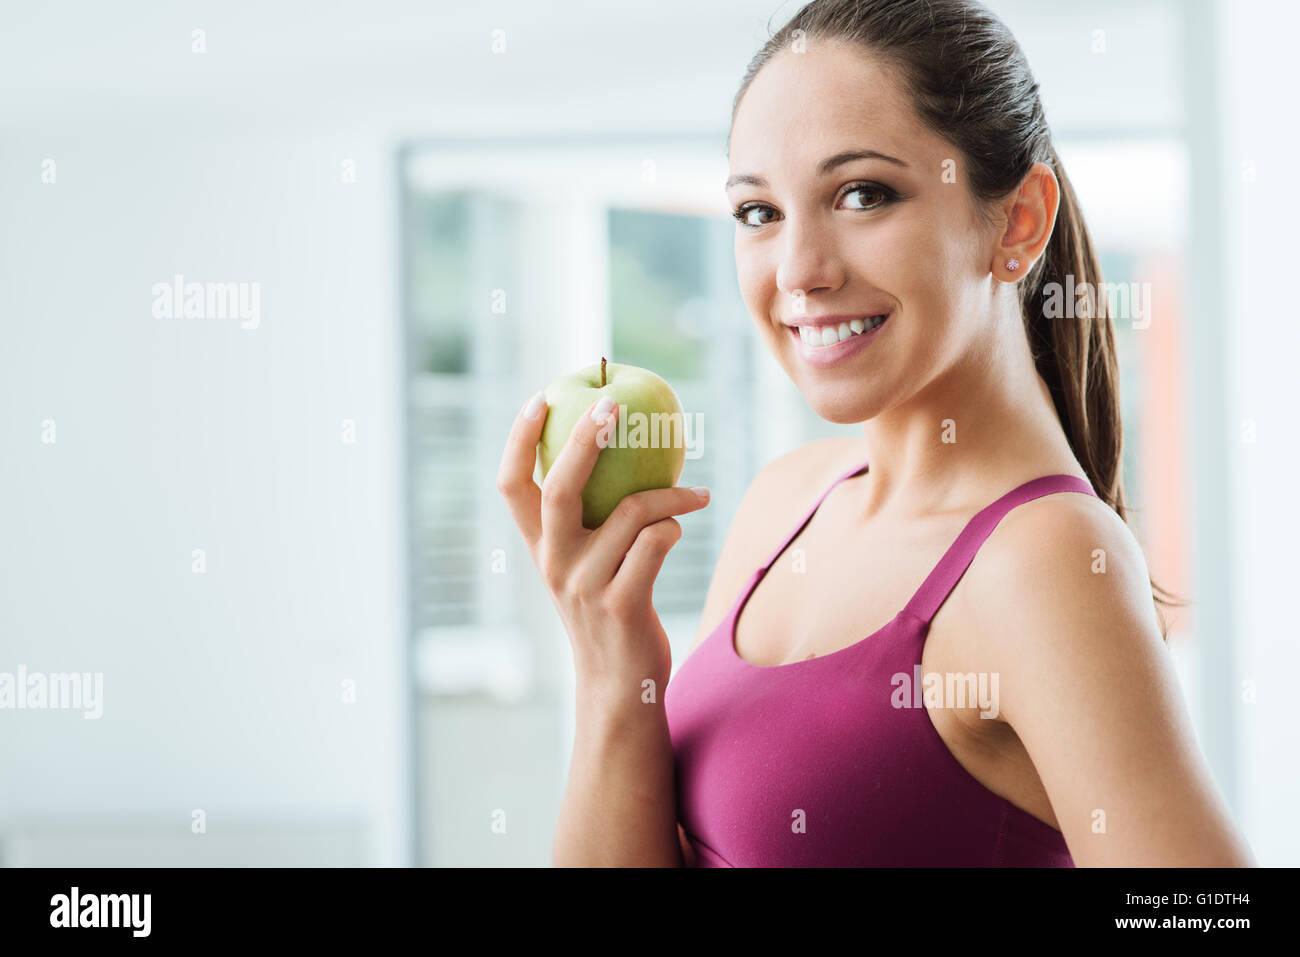 Junge schlanke Frau hält einen Apfel und lächelnd in die Kamera, gesunde Ernährung und Gewicht-Verlust Stockbild